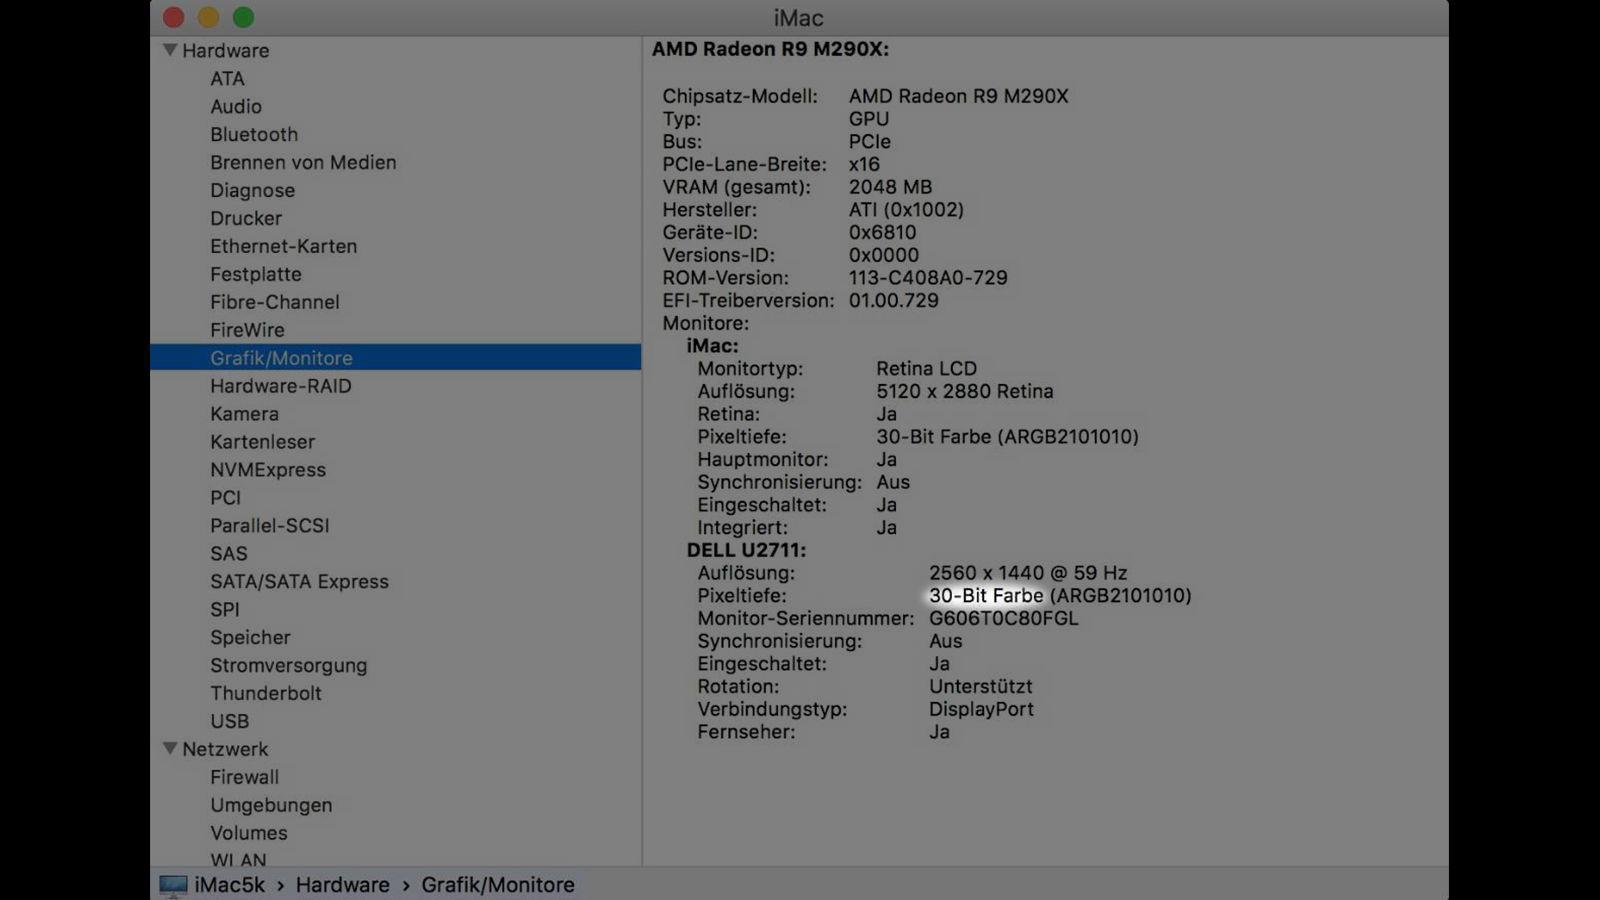 iMac-10-bit-color_2